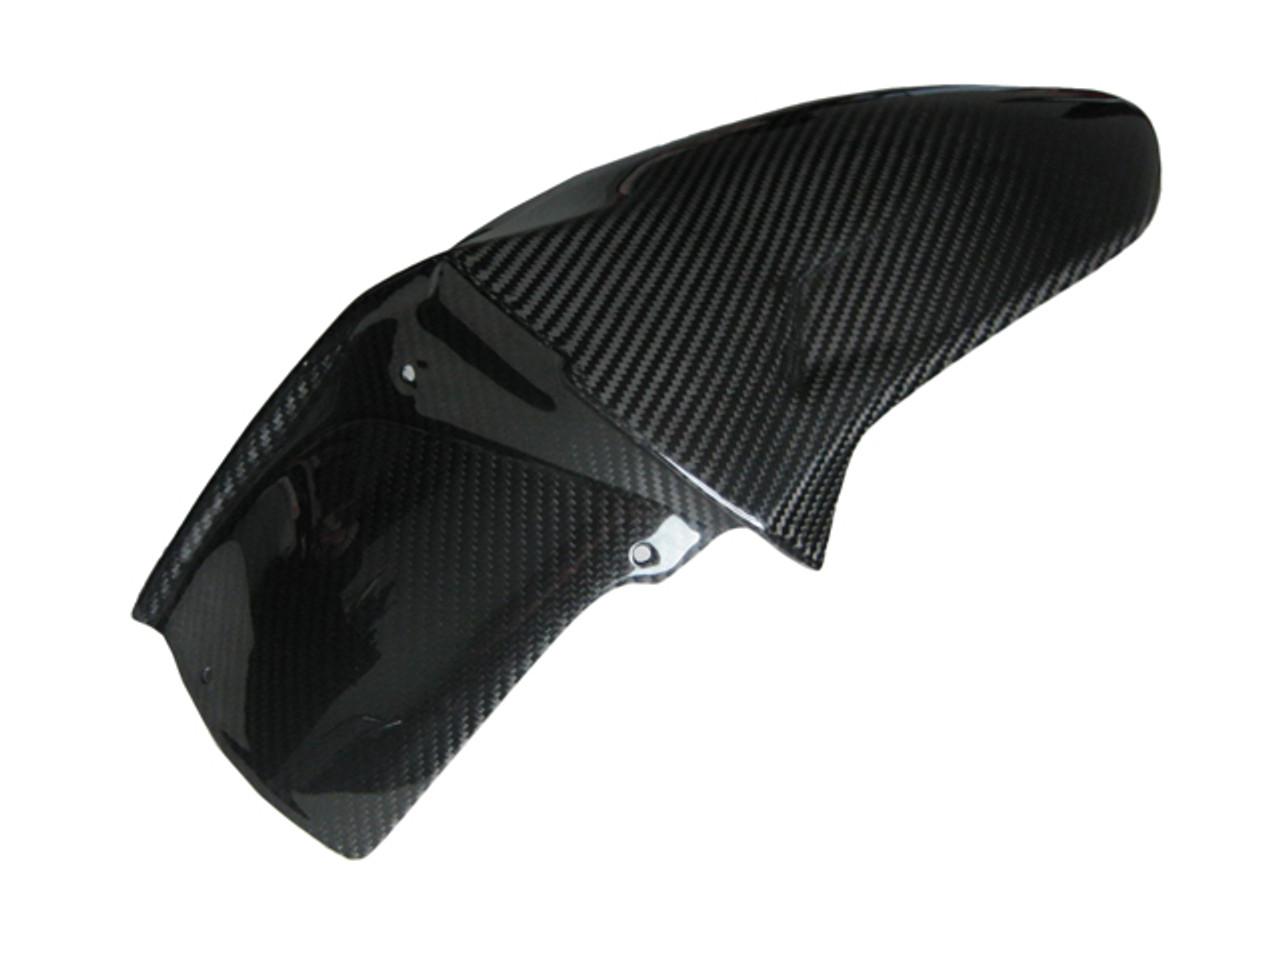 Glossy Twill Weave Carbon Fiber Rear Hugger for MV Agusta F4 2010+, Brutale 920, 990R, 1090RR 2011+